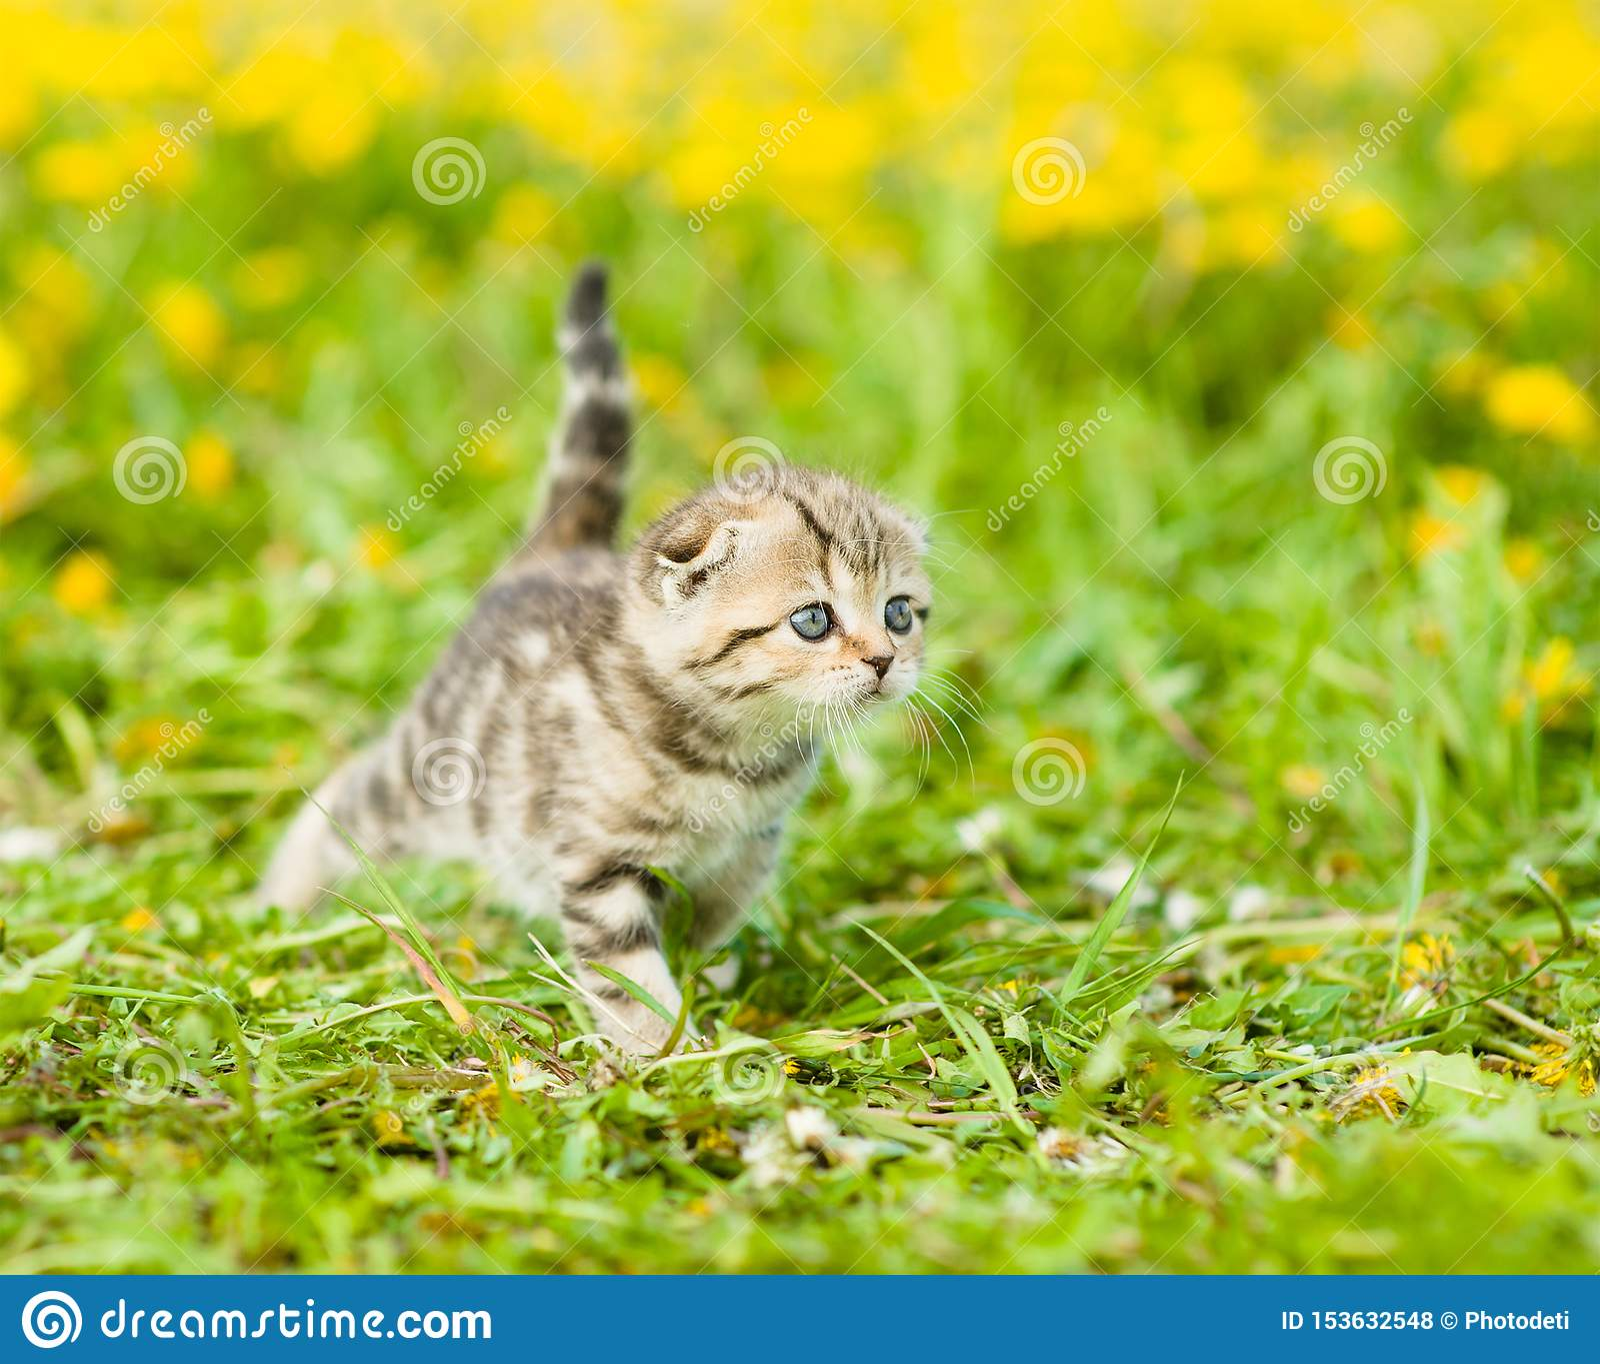 Small tabby kitten walking on a dandelion field